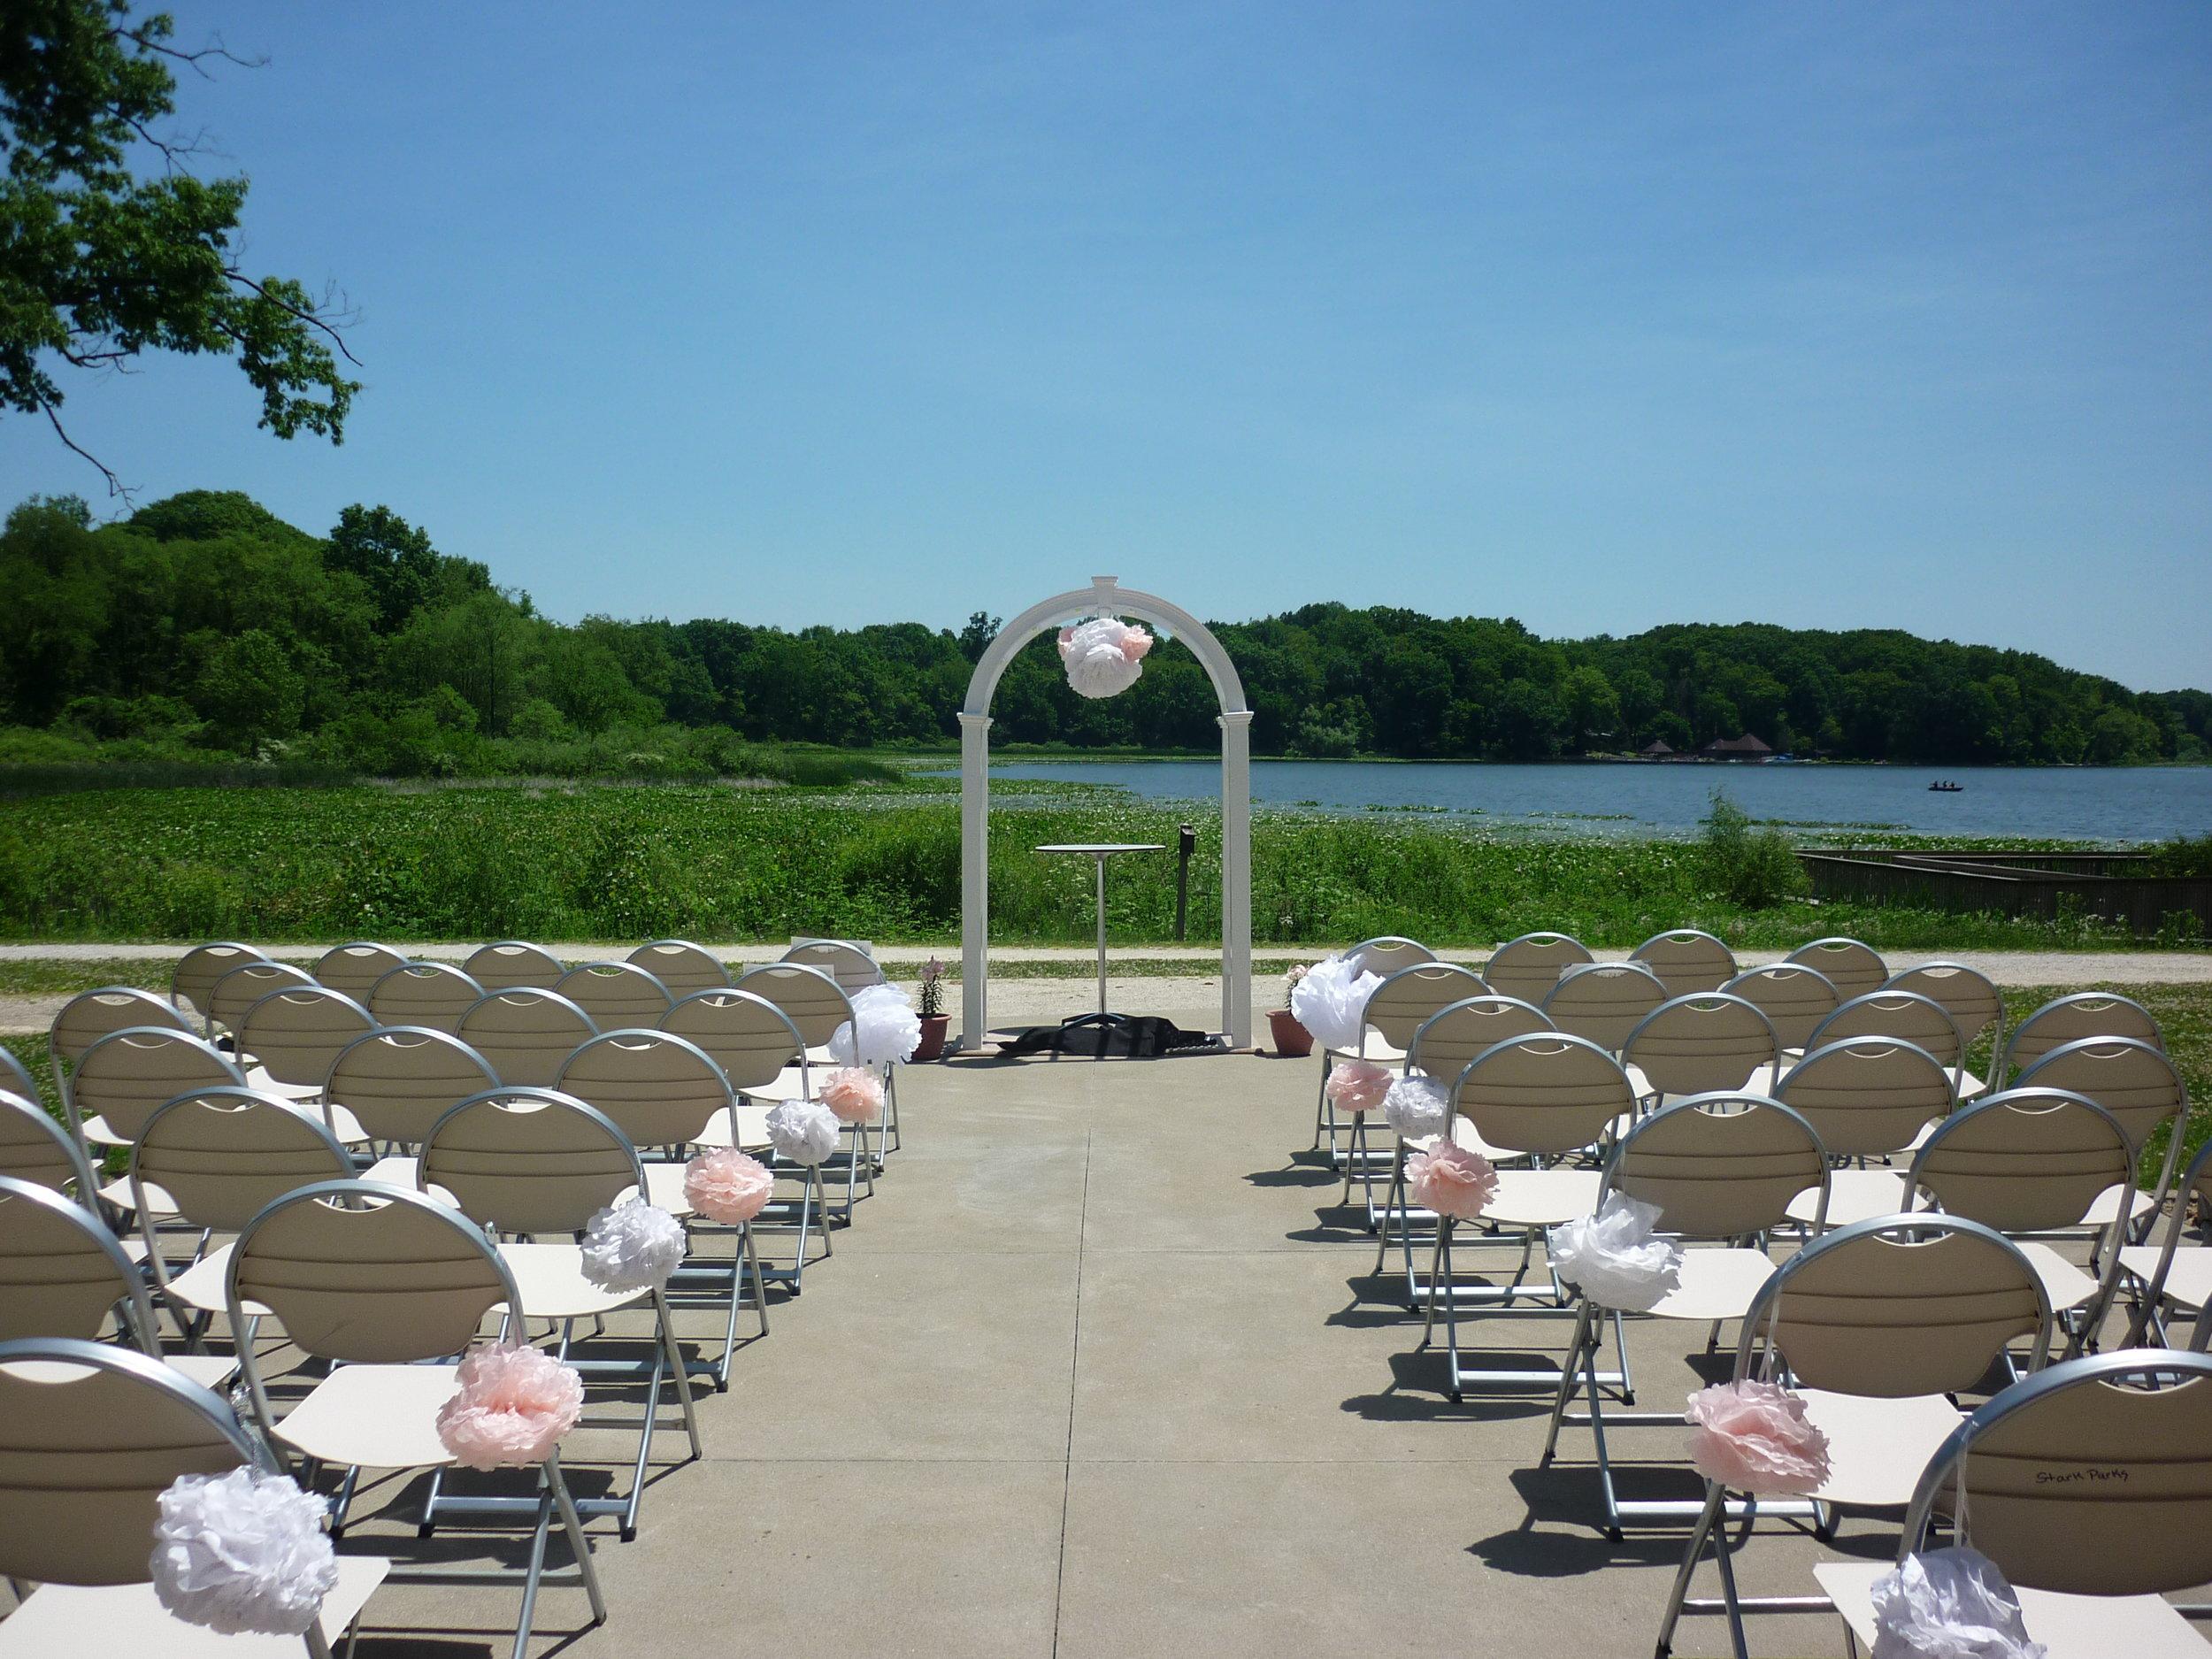 Lakeside Wedding Ceremony Setup